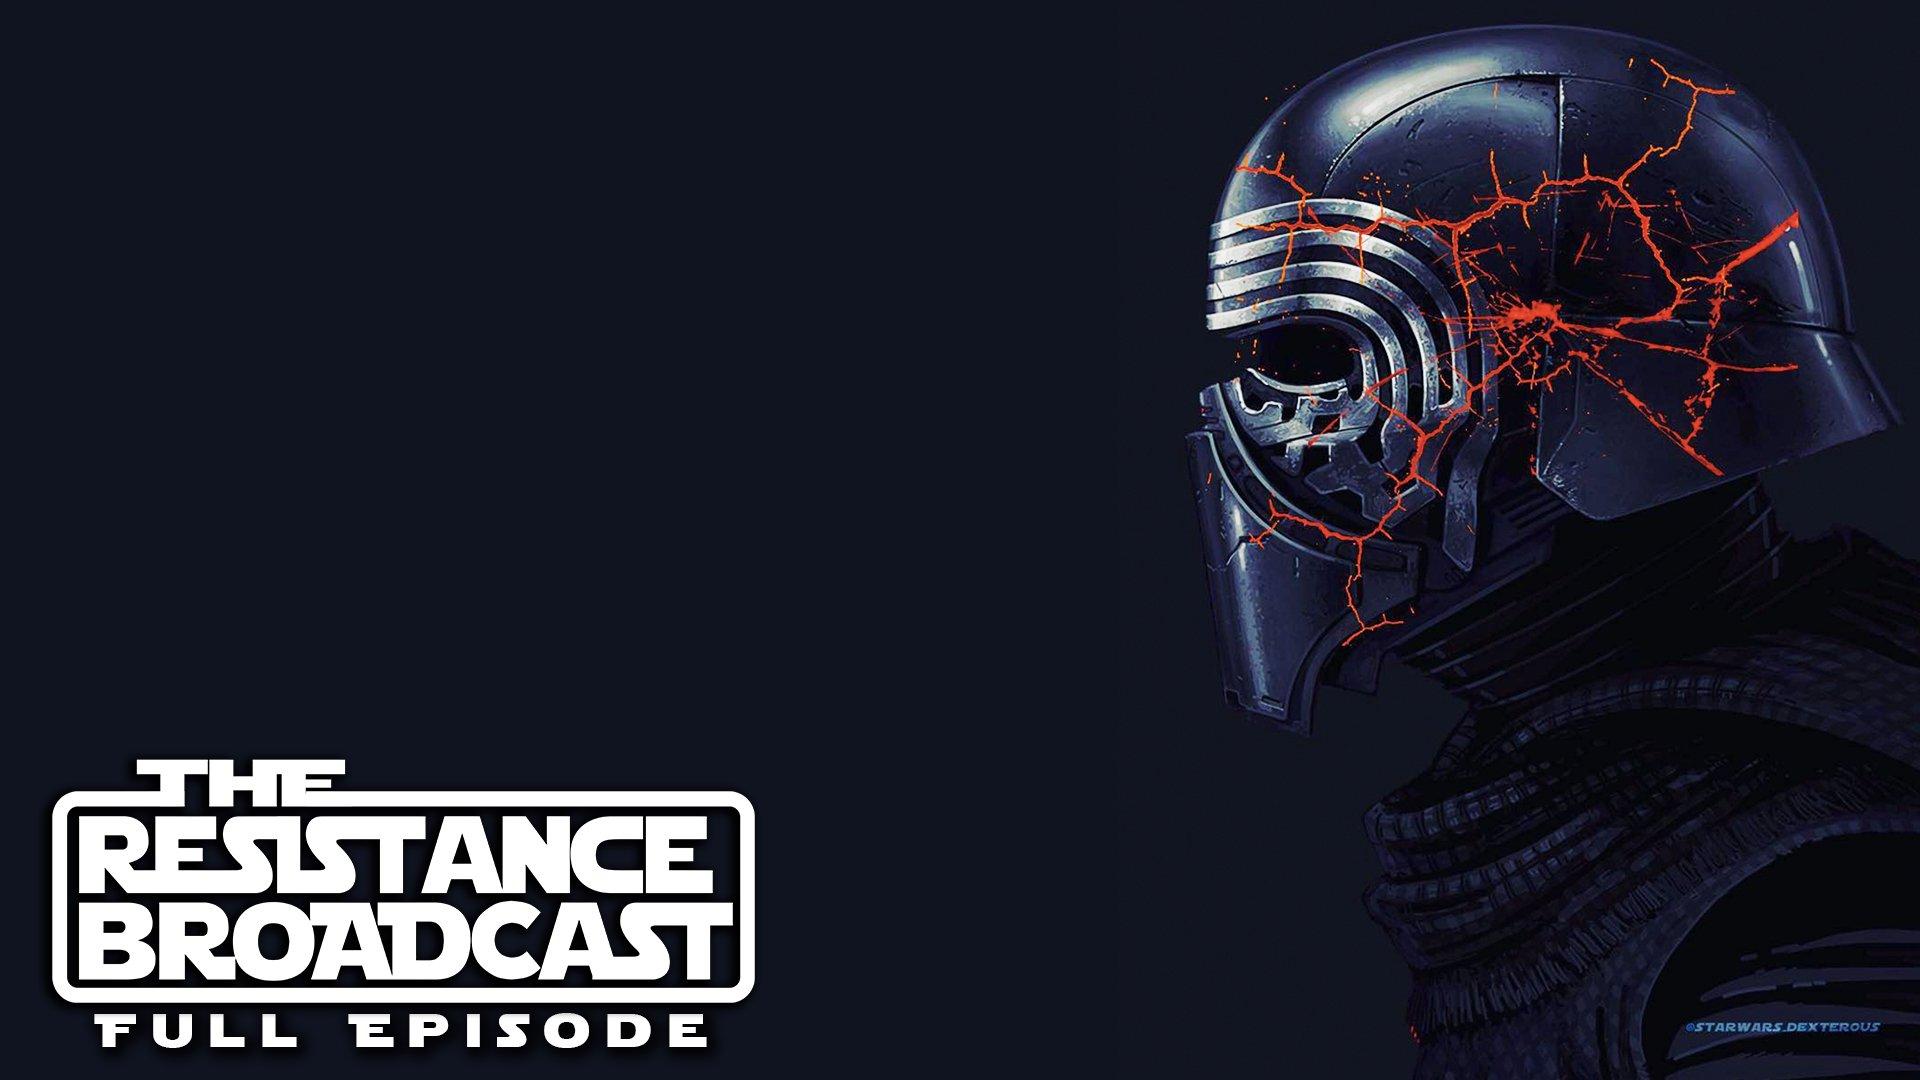 The Resistance Broadcast Kylo Ren S Mask Returns In Star Wars Episode Ix Star Wars News Net